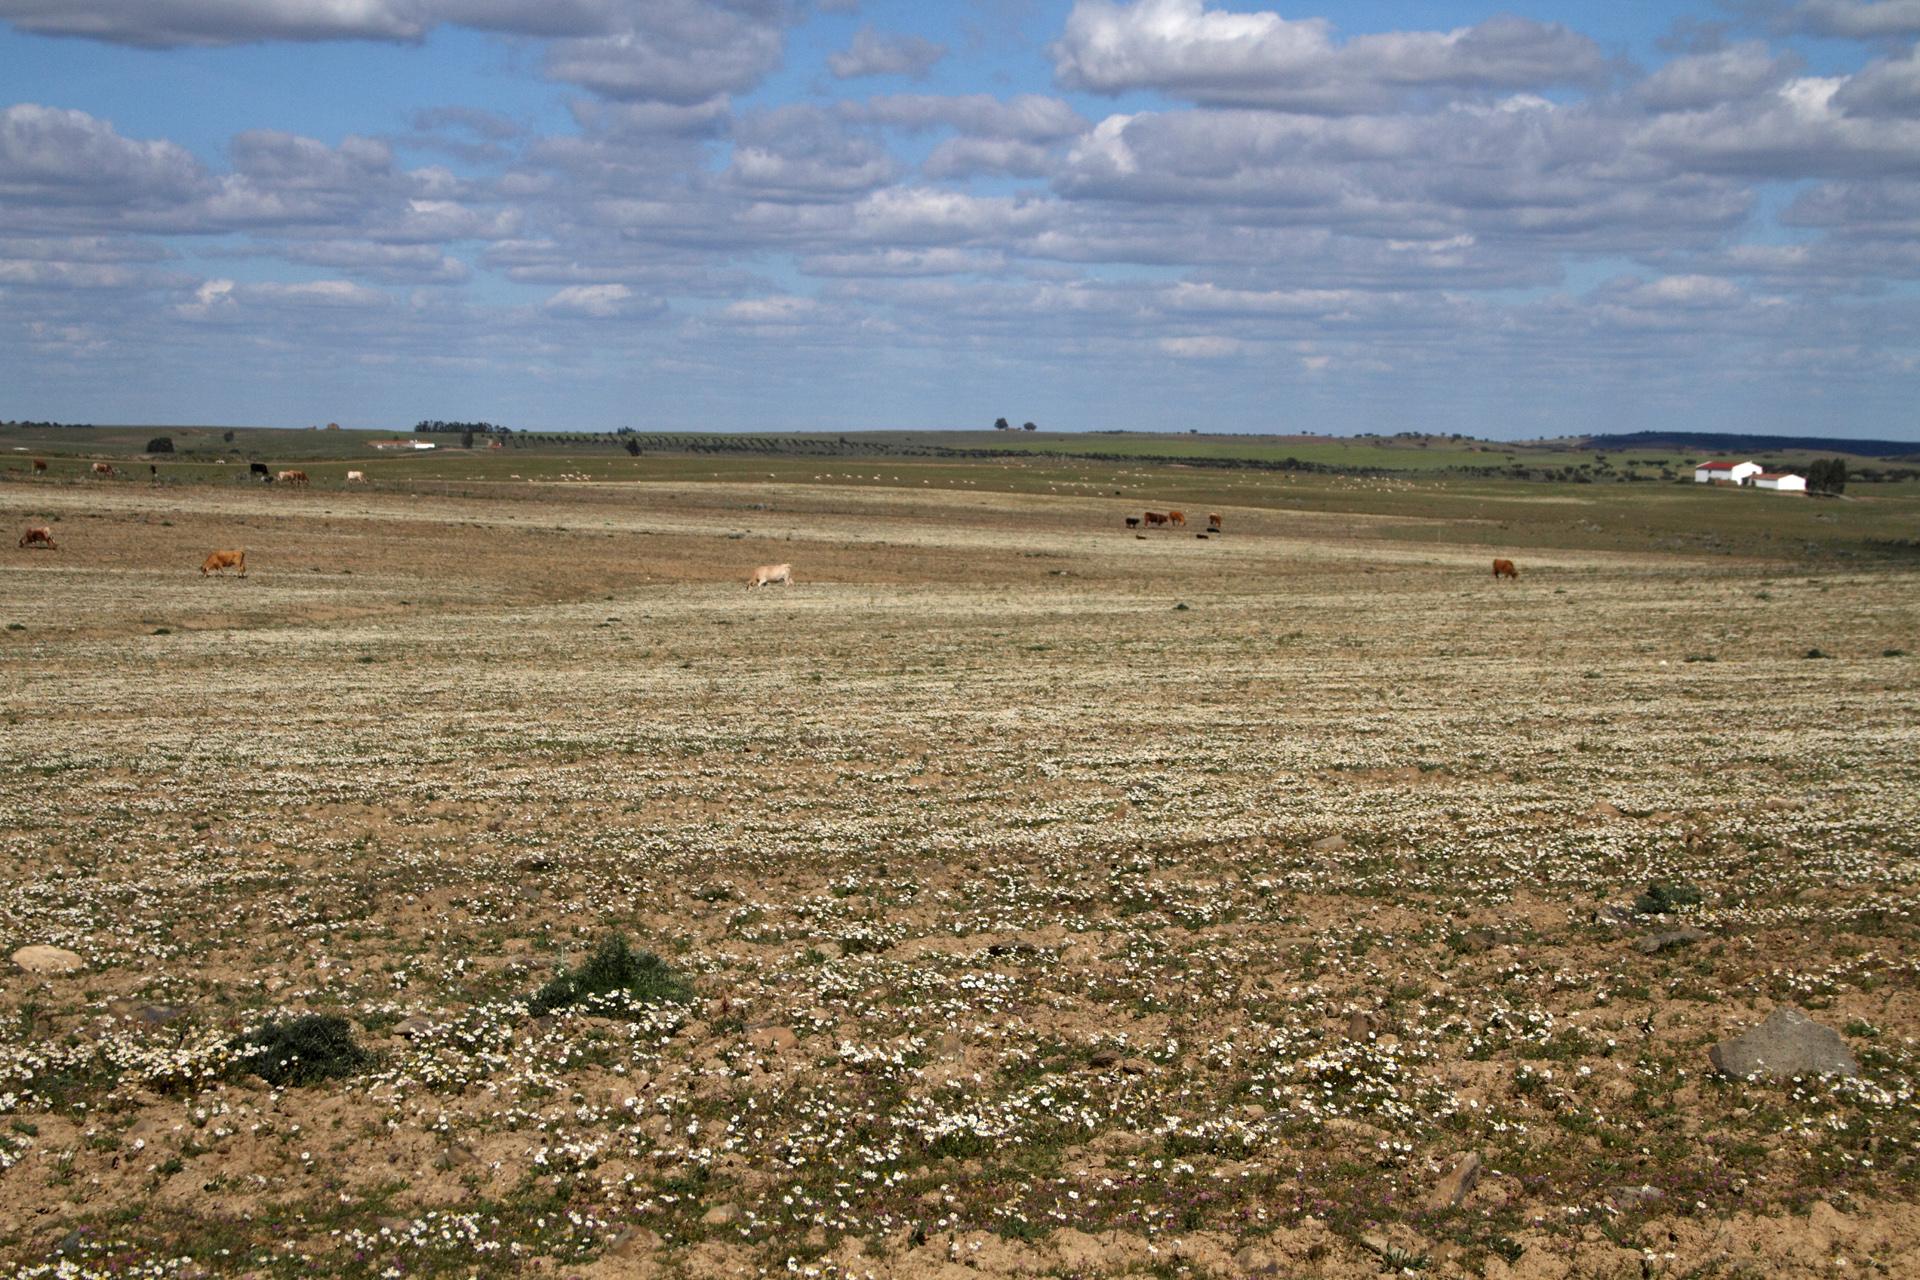 Hier haben die Rinder noch viel Platz und Auslauf, wenn auch bei etwas kargem Futterangebot